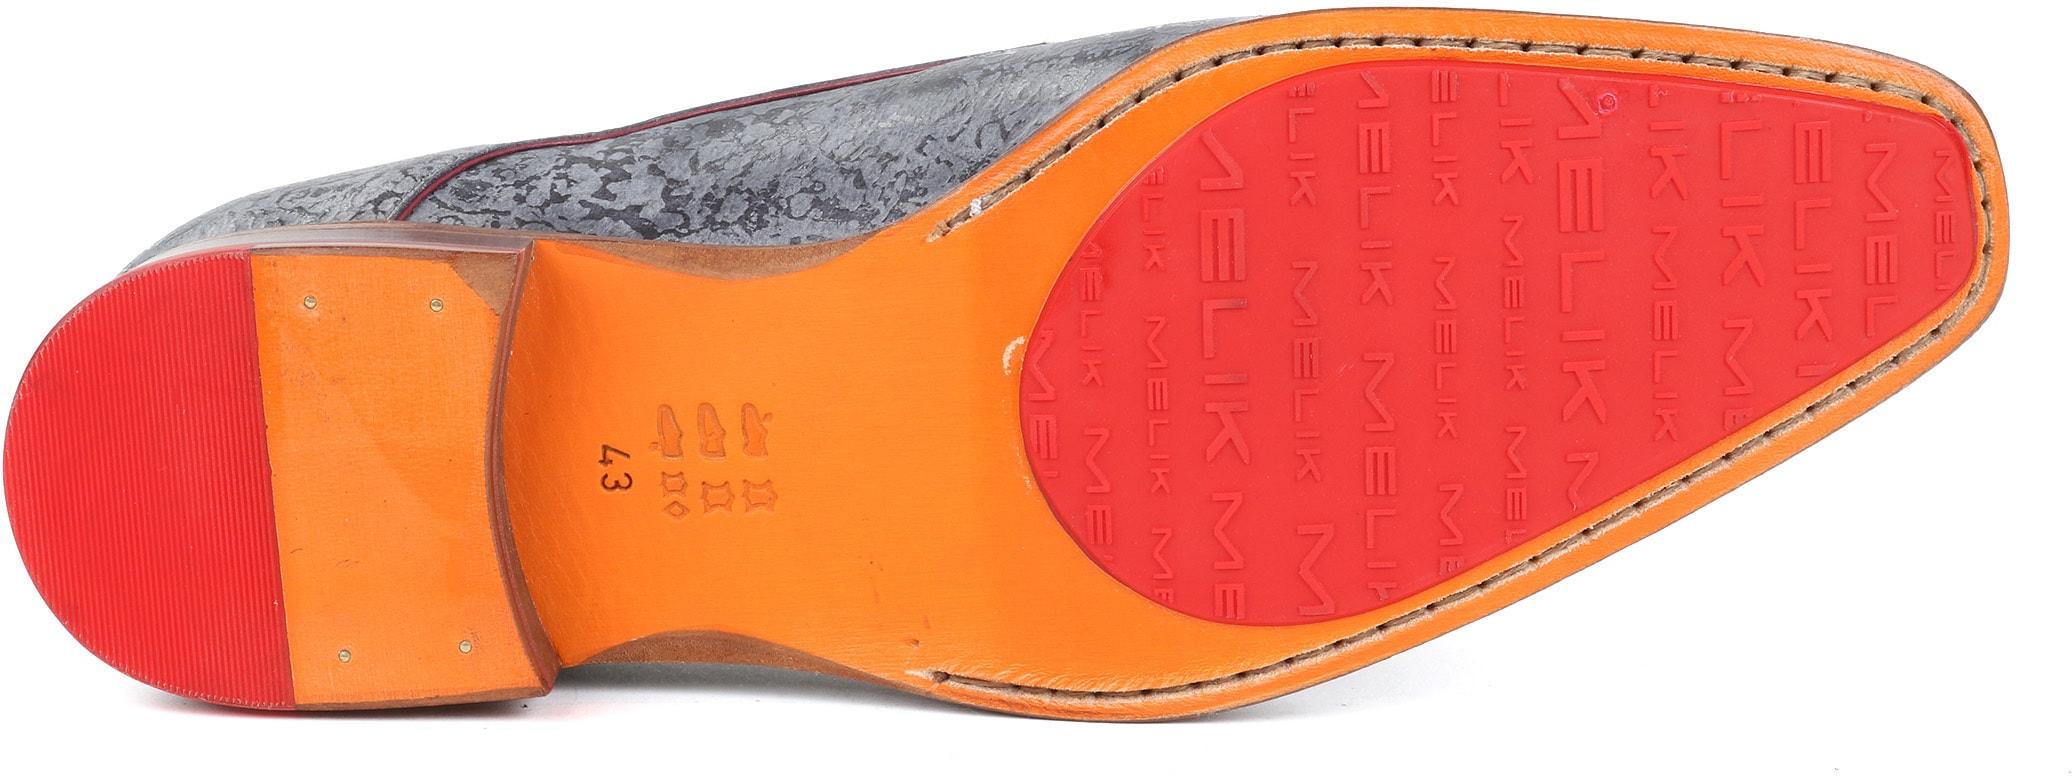 Chaussures Melik Gris Cratère Atri fIlF9